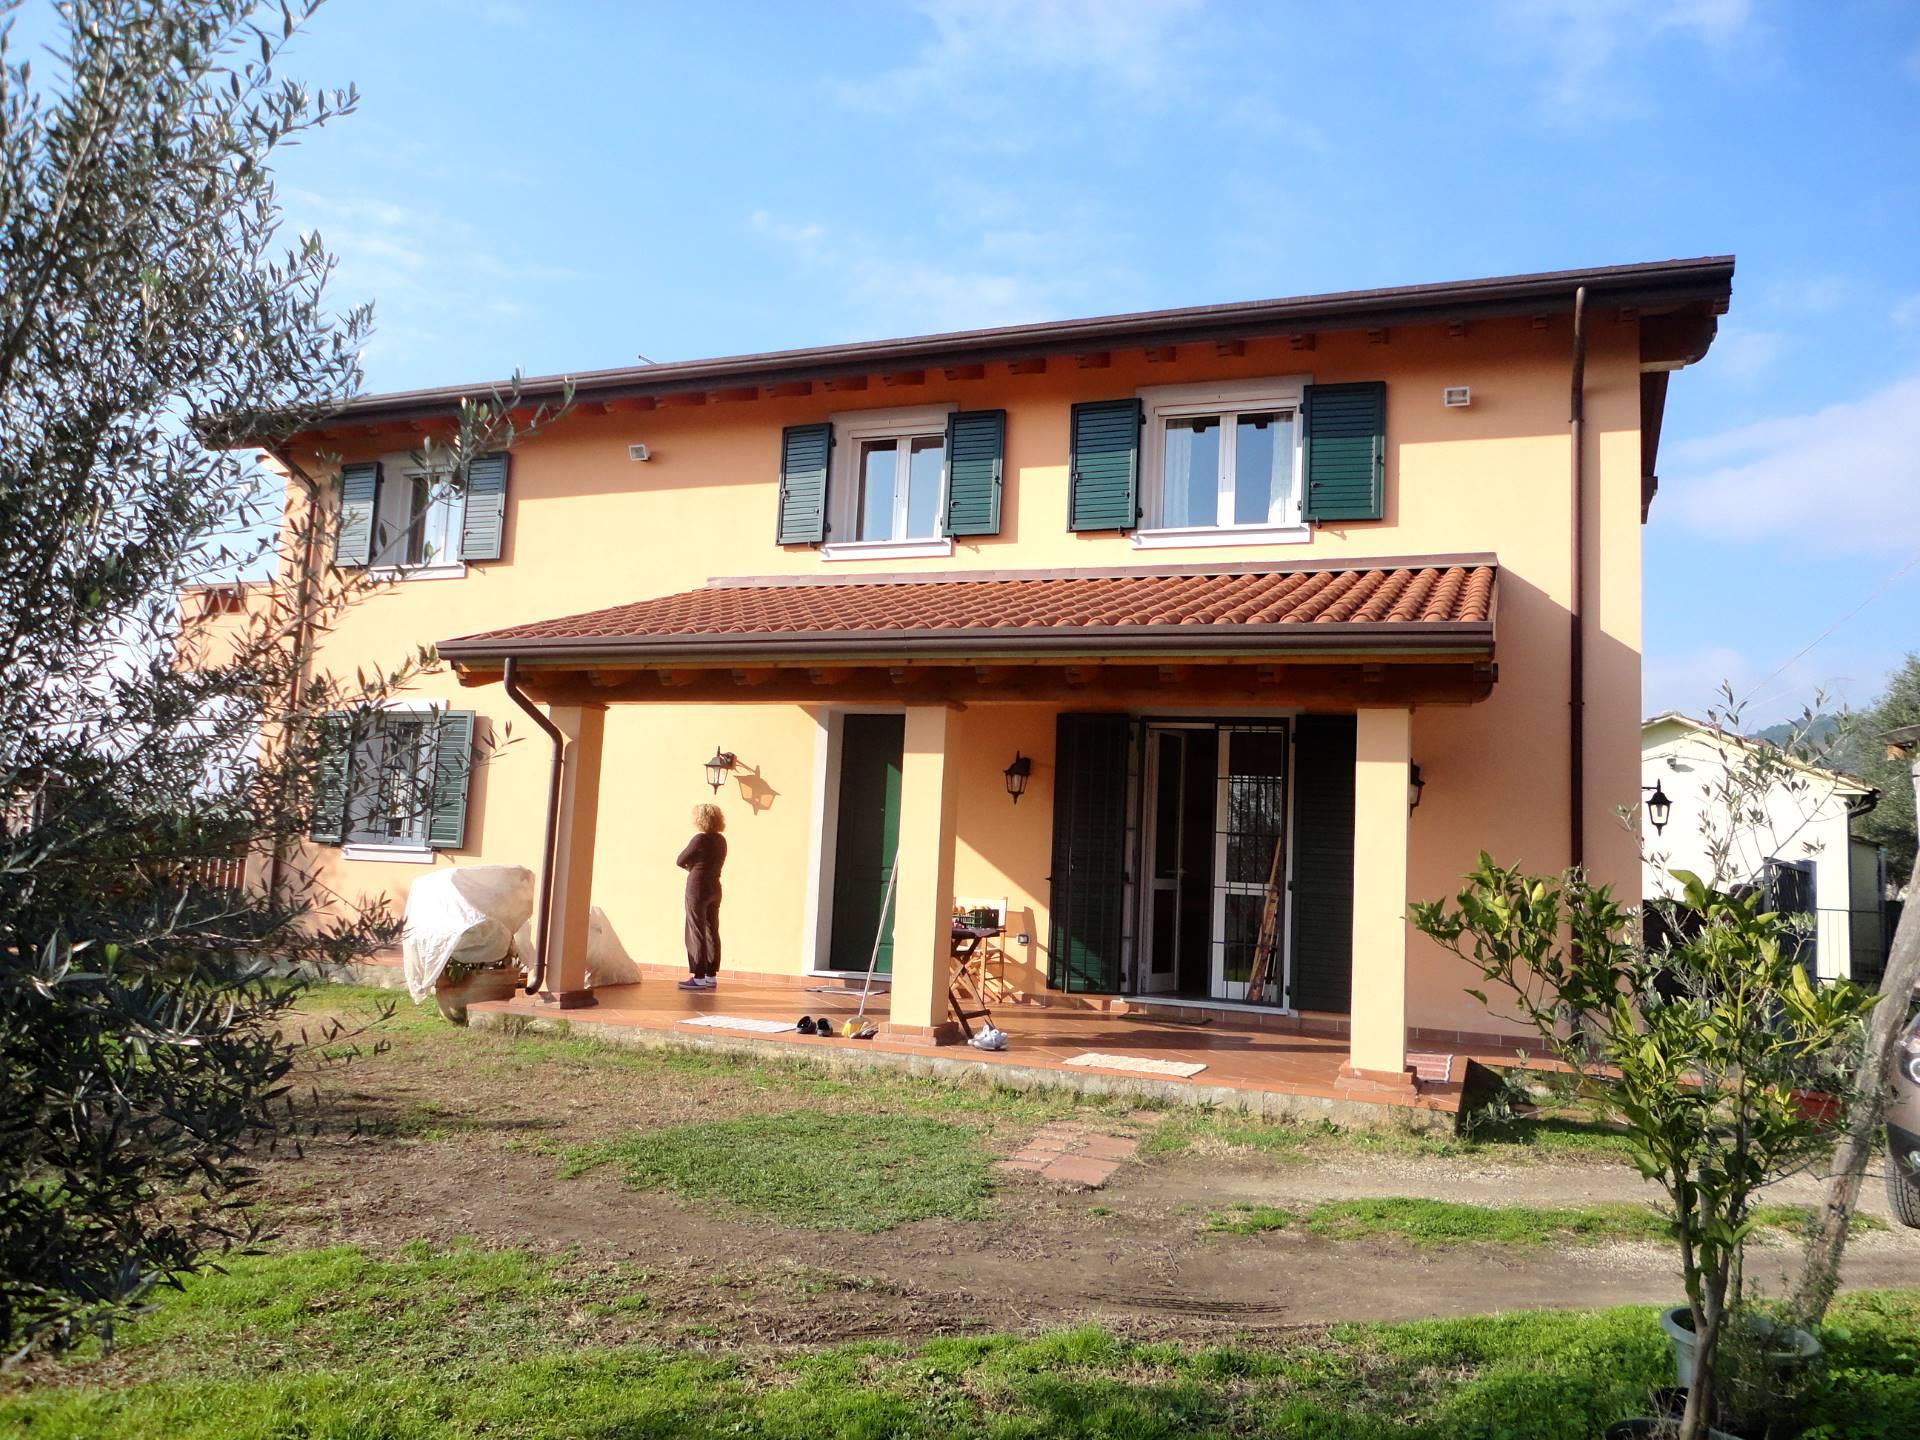 Villa in vendita a Seravezza, 4 locali, zona Zona: Querceta, prezzo € 500.000 | Cambio Casa.it